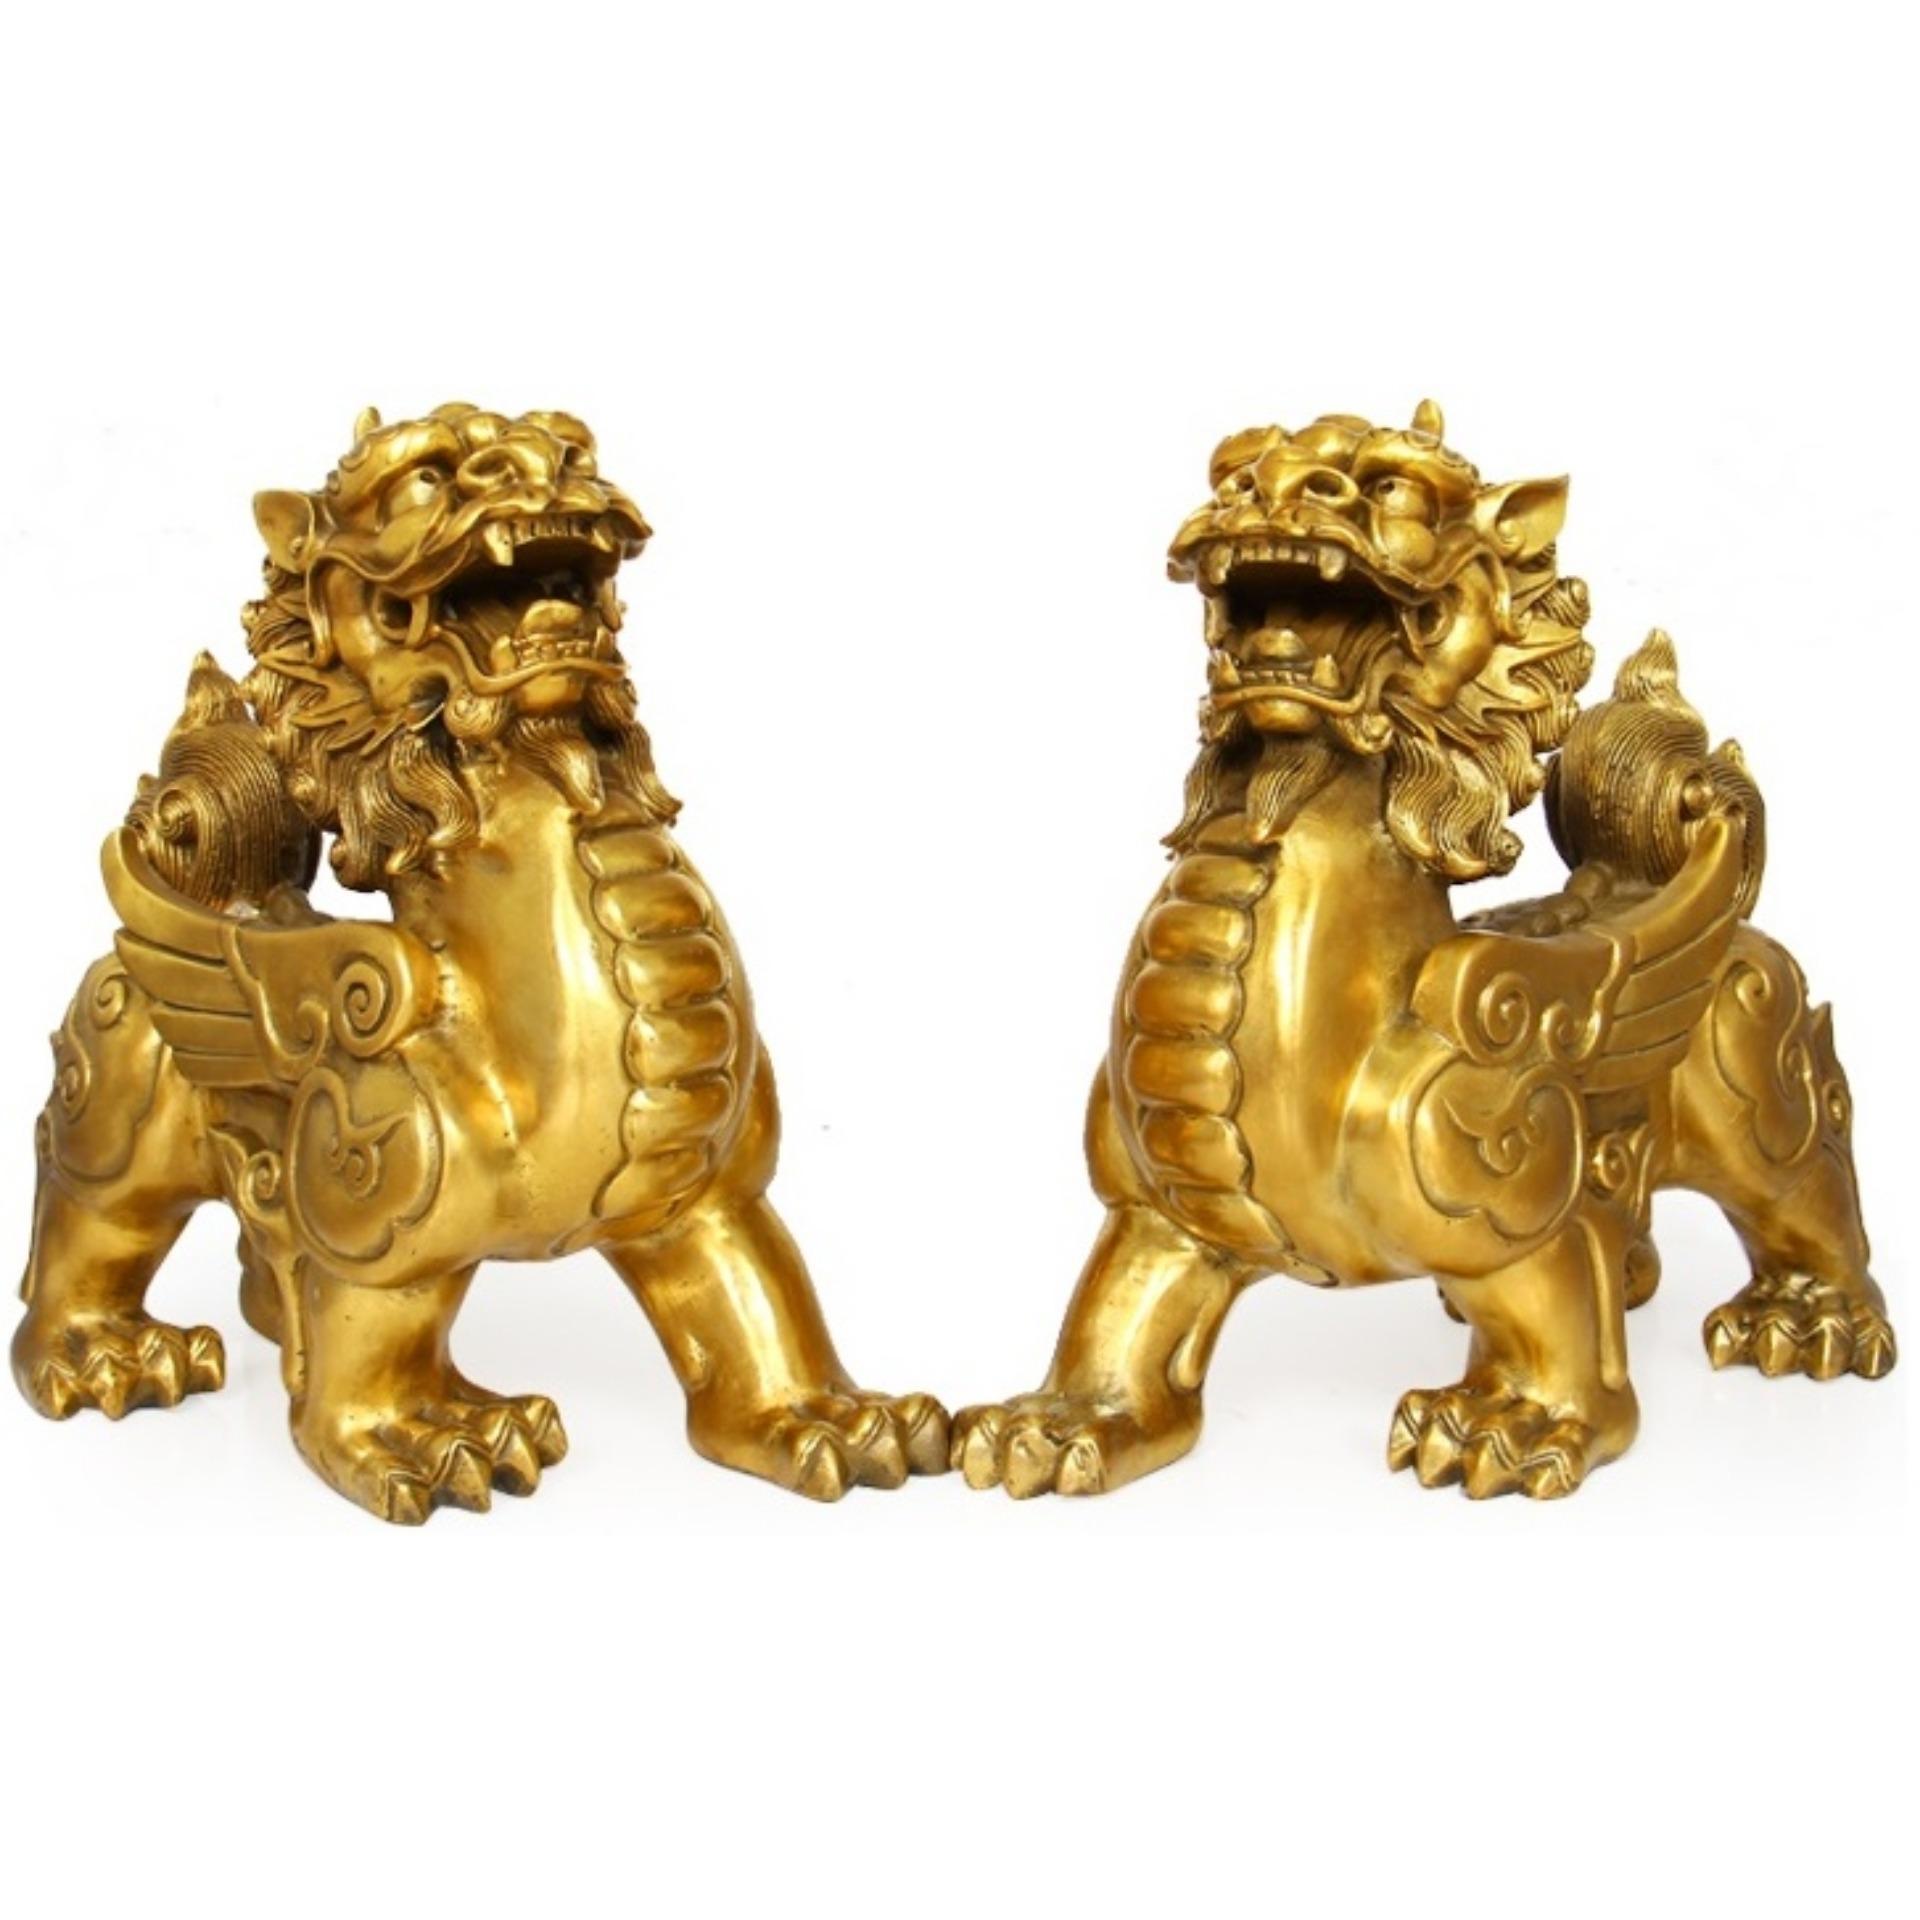 Hình ảnh Tượng Đôi Tỳ hưu bằng đồng nặng 1800g, kích thước mỗi con 14cmx15cm - Linh vật phong thuỷ hút tài lộc và hóa giải sát khí